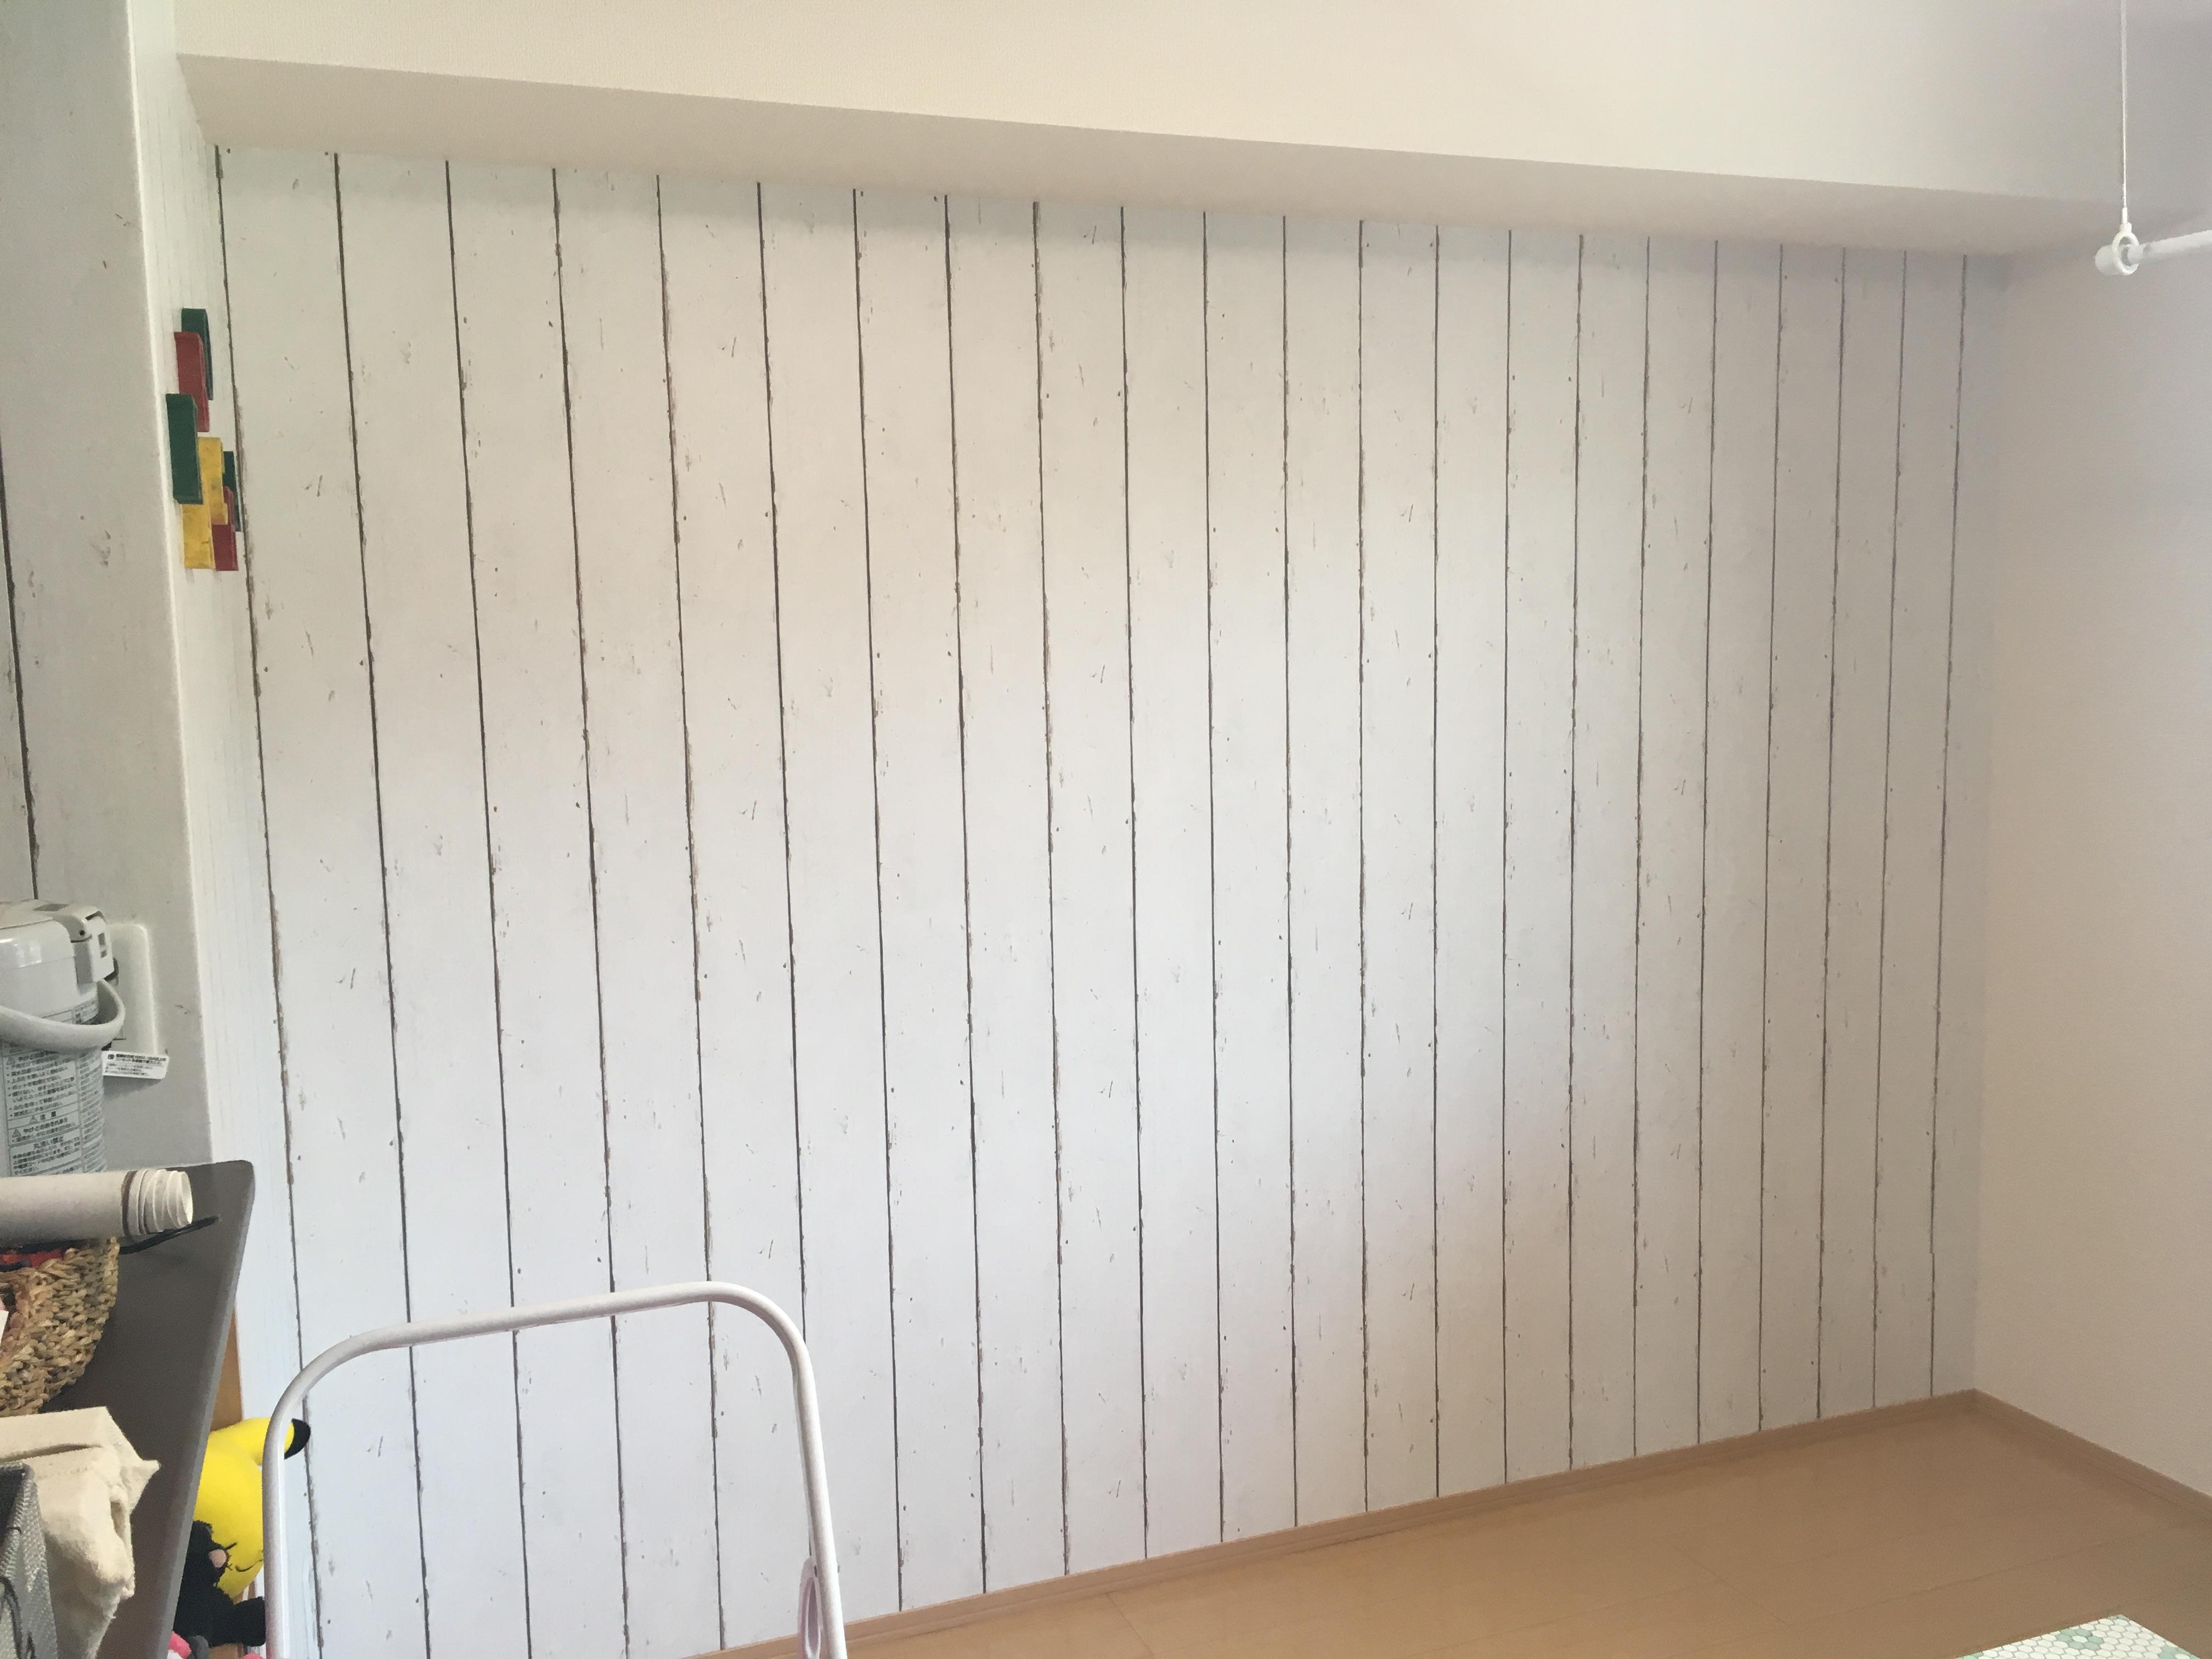 リビングdiy 壁面に輸入壁紙を貼りました 武田家 高知のみんなのdiy